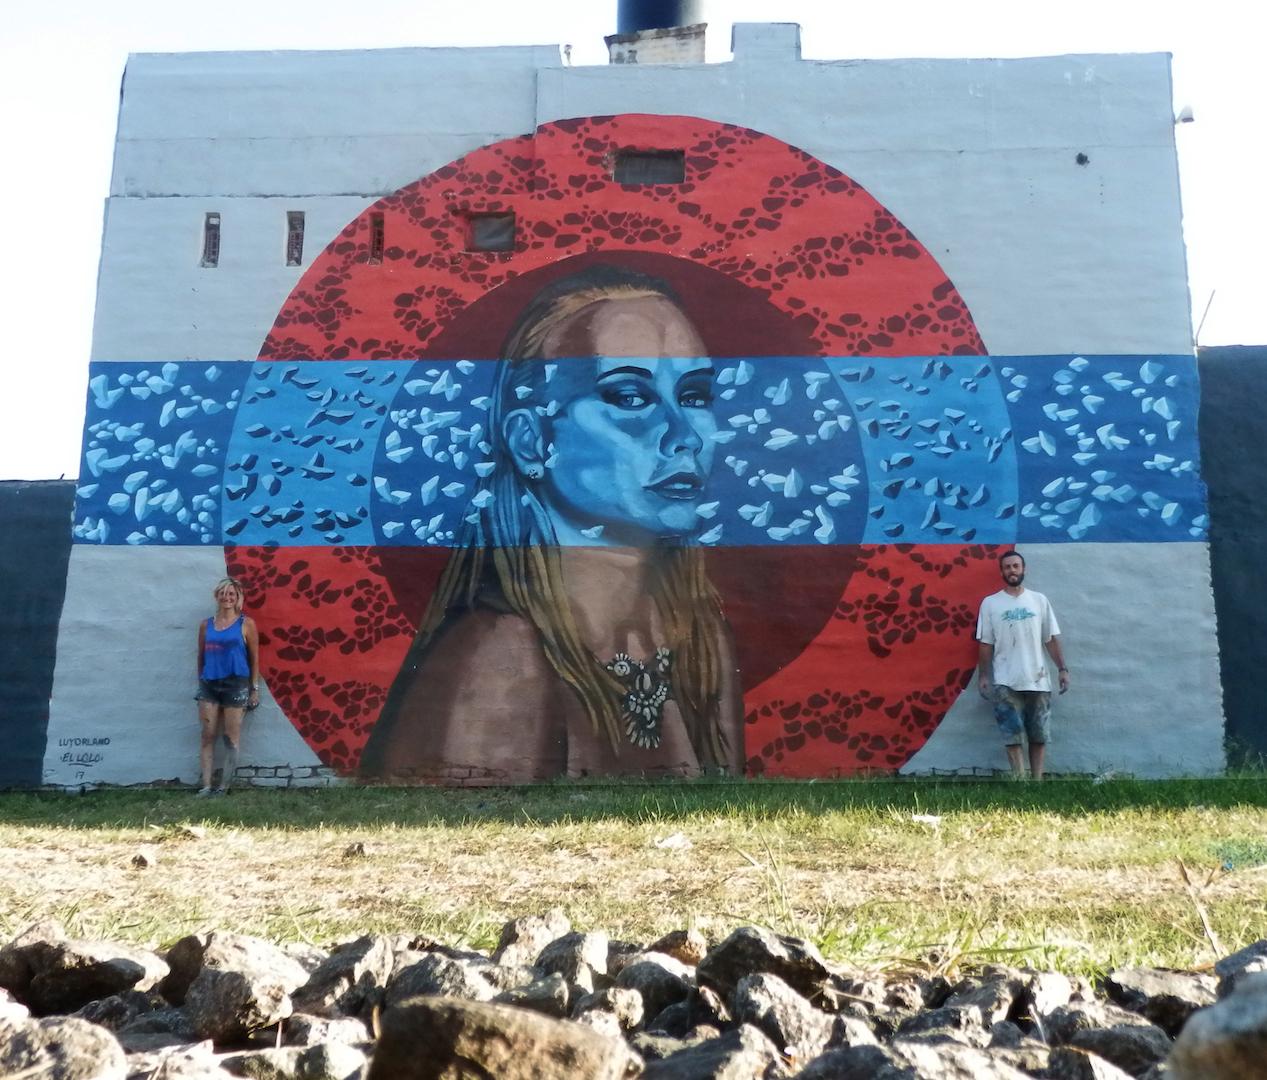 Lu yorlano and el lolo in c rdoba argentina for El mural guadalajara